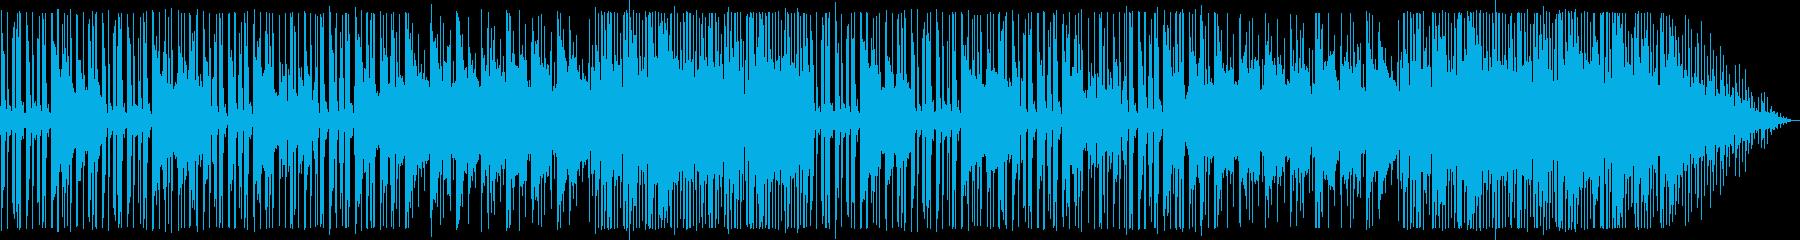 爽やか/優しさ/R&B_No470_1の再生済みの波形